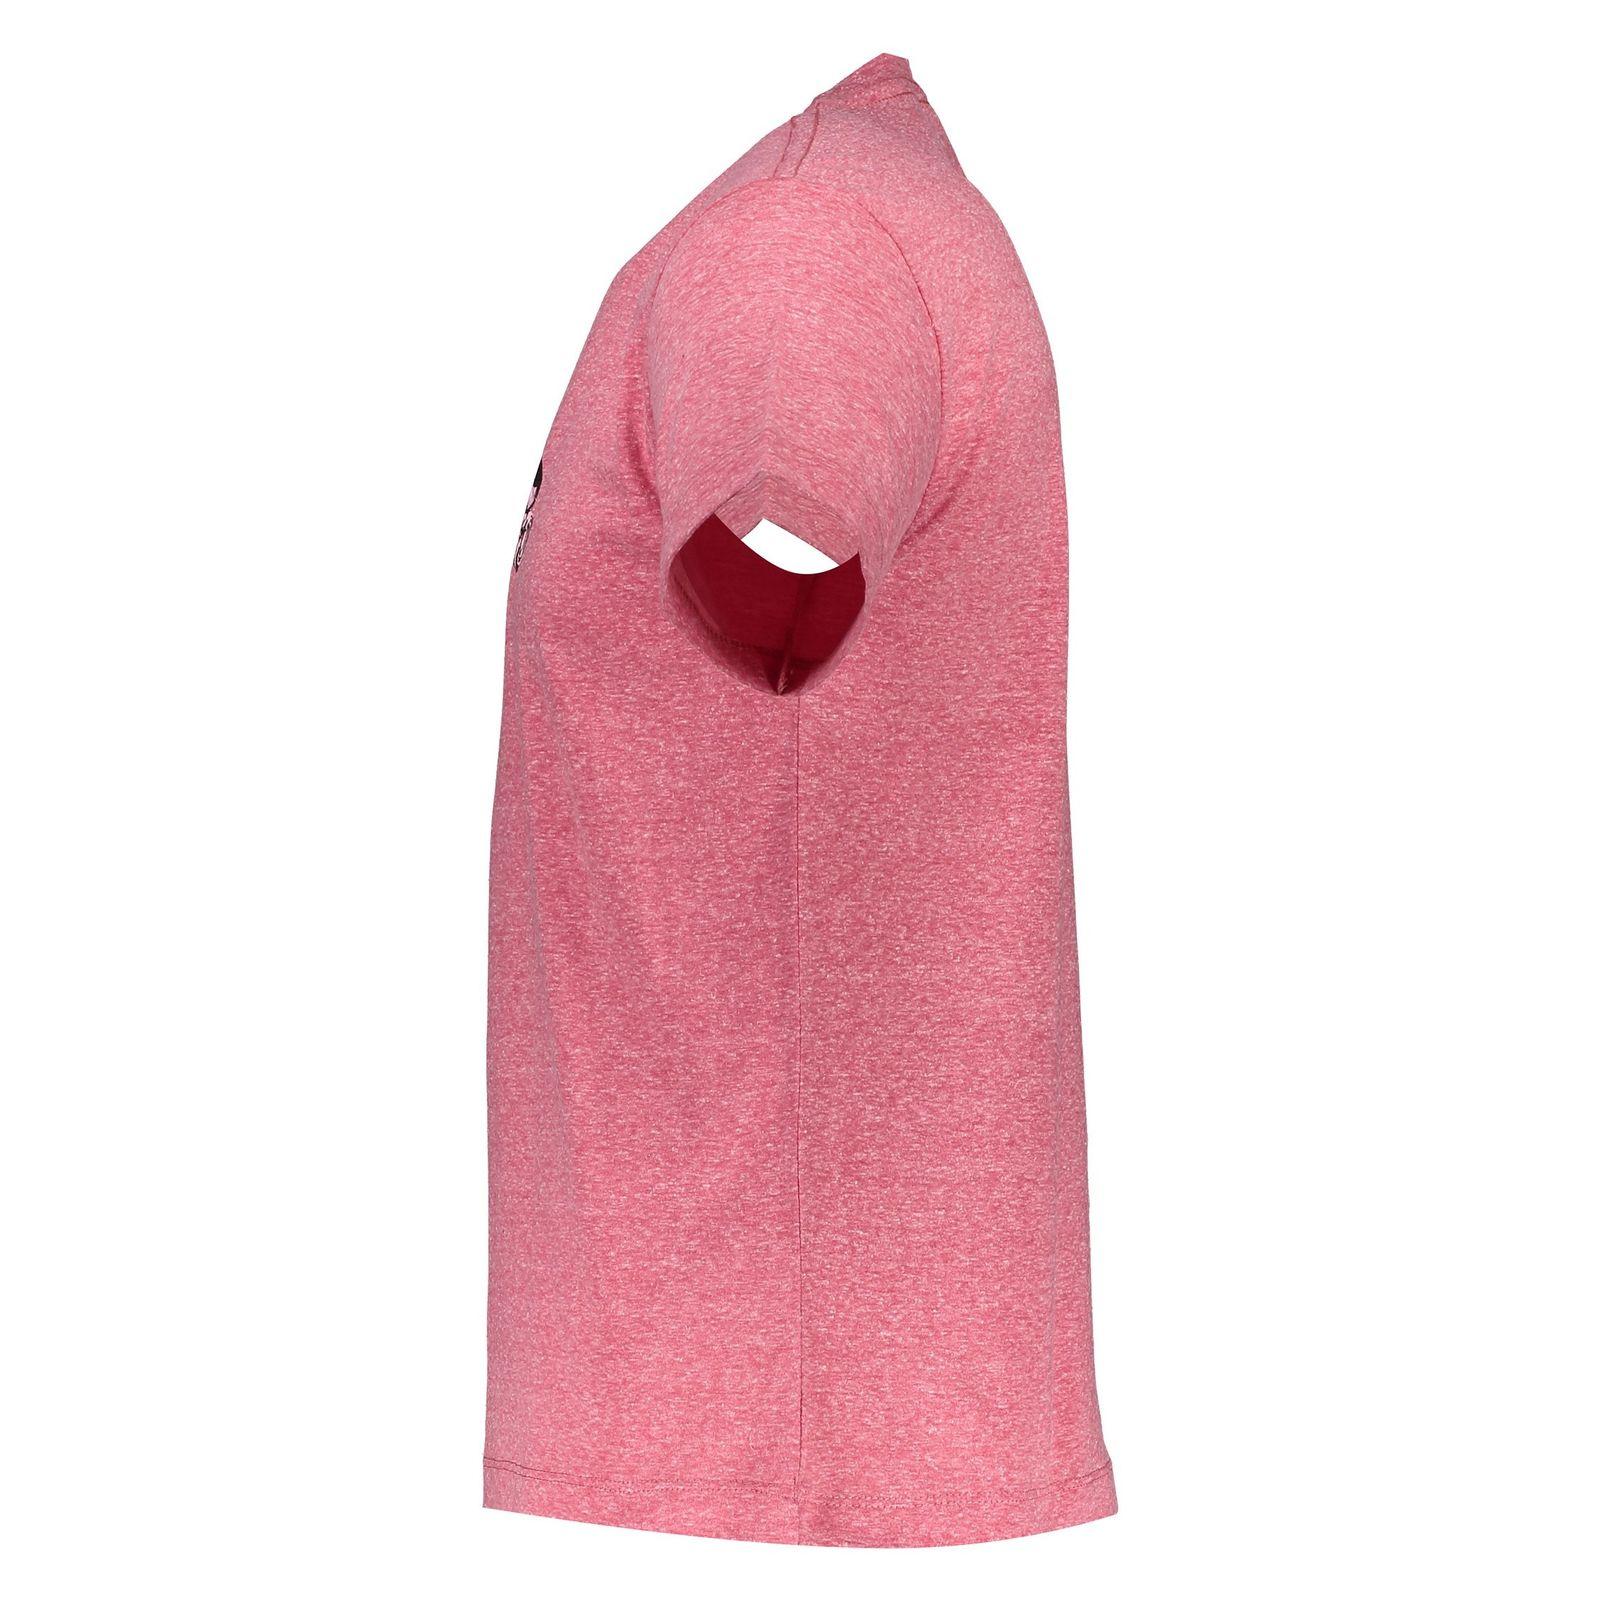 تی شرت یقه گرد مردانه - متی - قرمز - 3